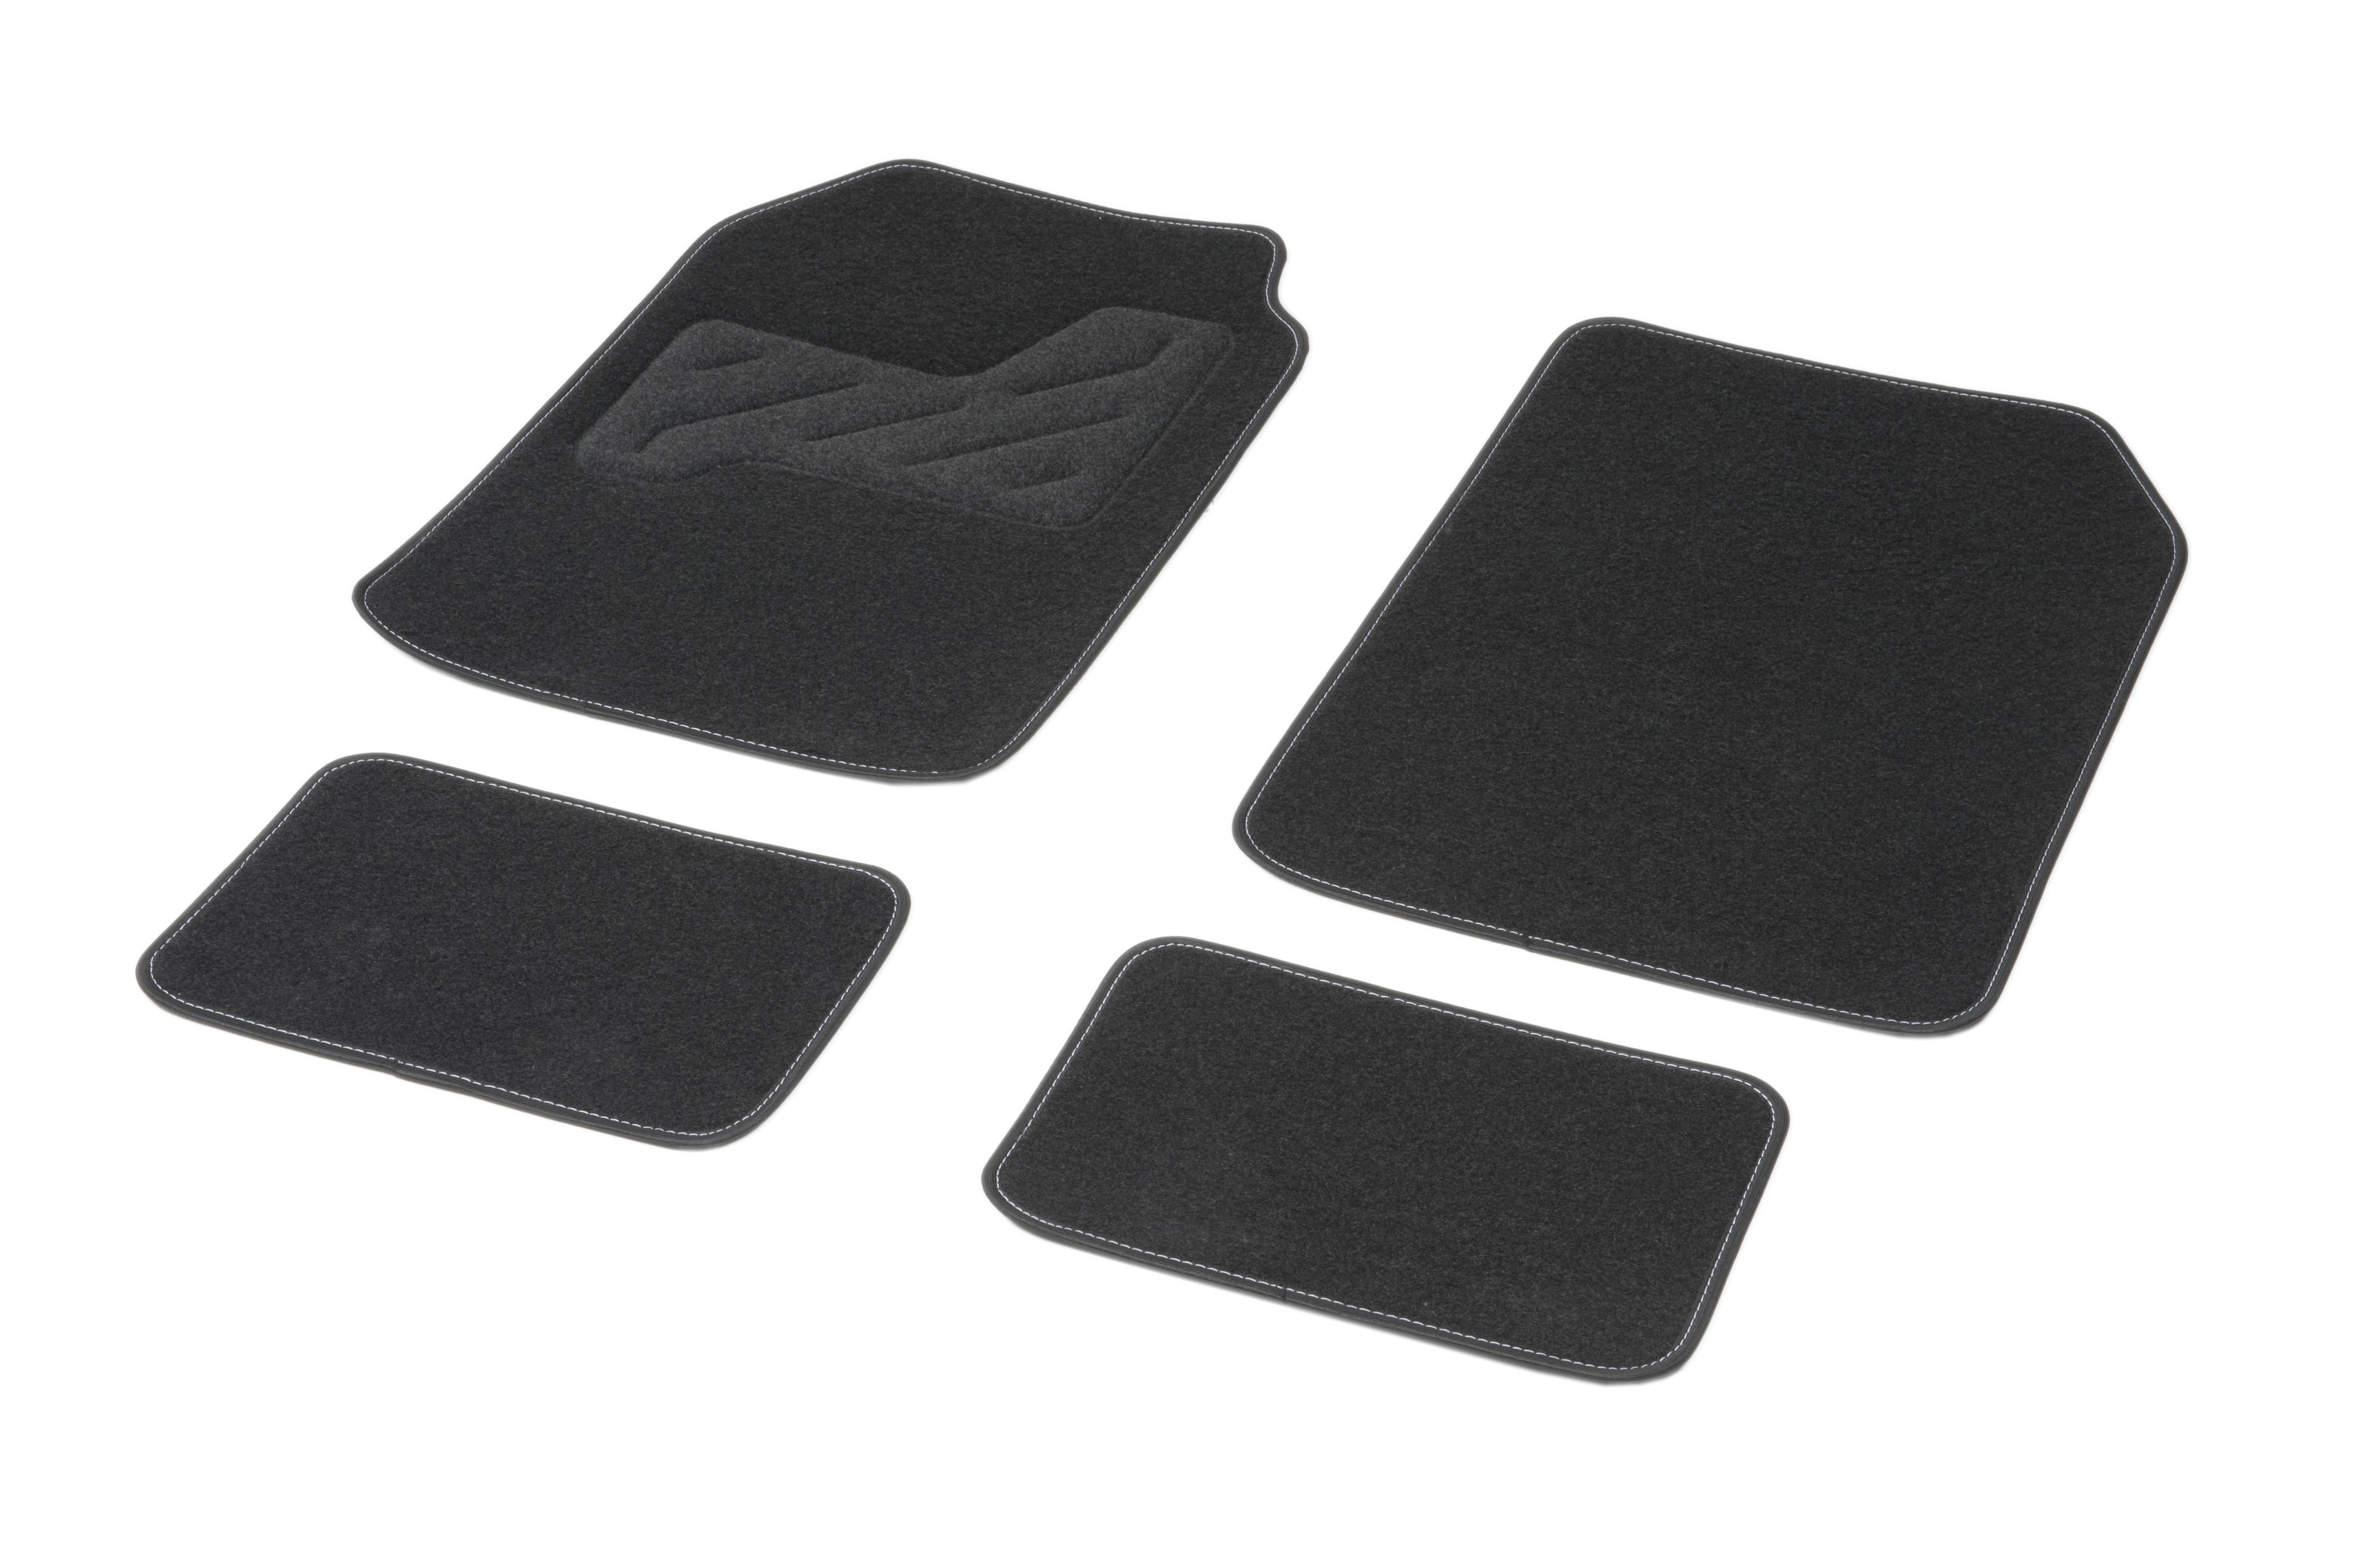 01765764 DBS Universelle passform, STANDARD Textil, vorne und hinten, Menge: 4, schwarz Größe: 73х45 Fußmattensatz 01765764 kaufen